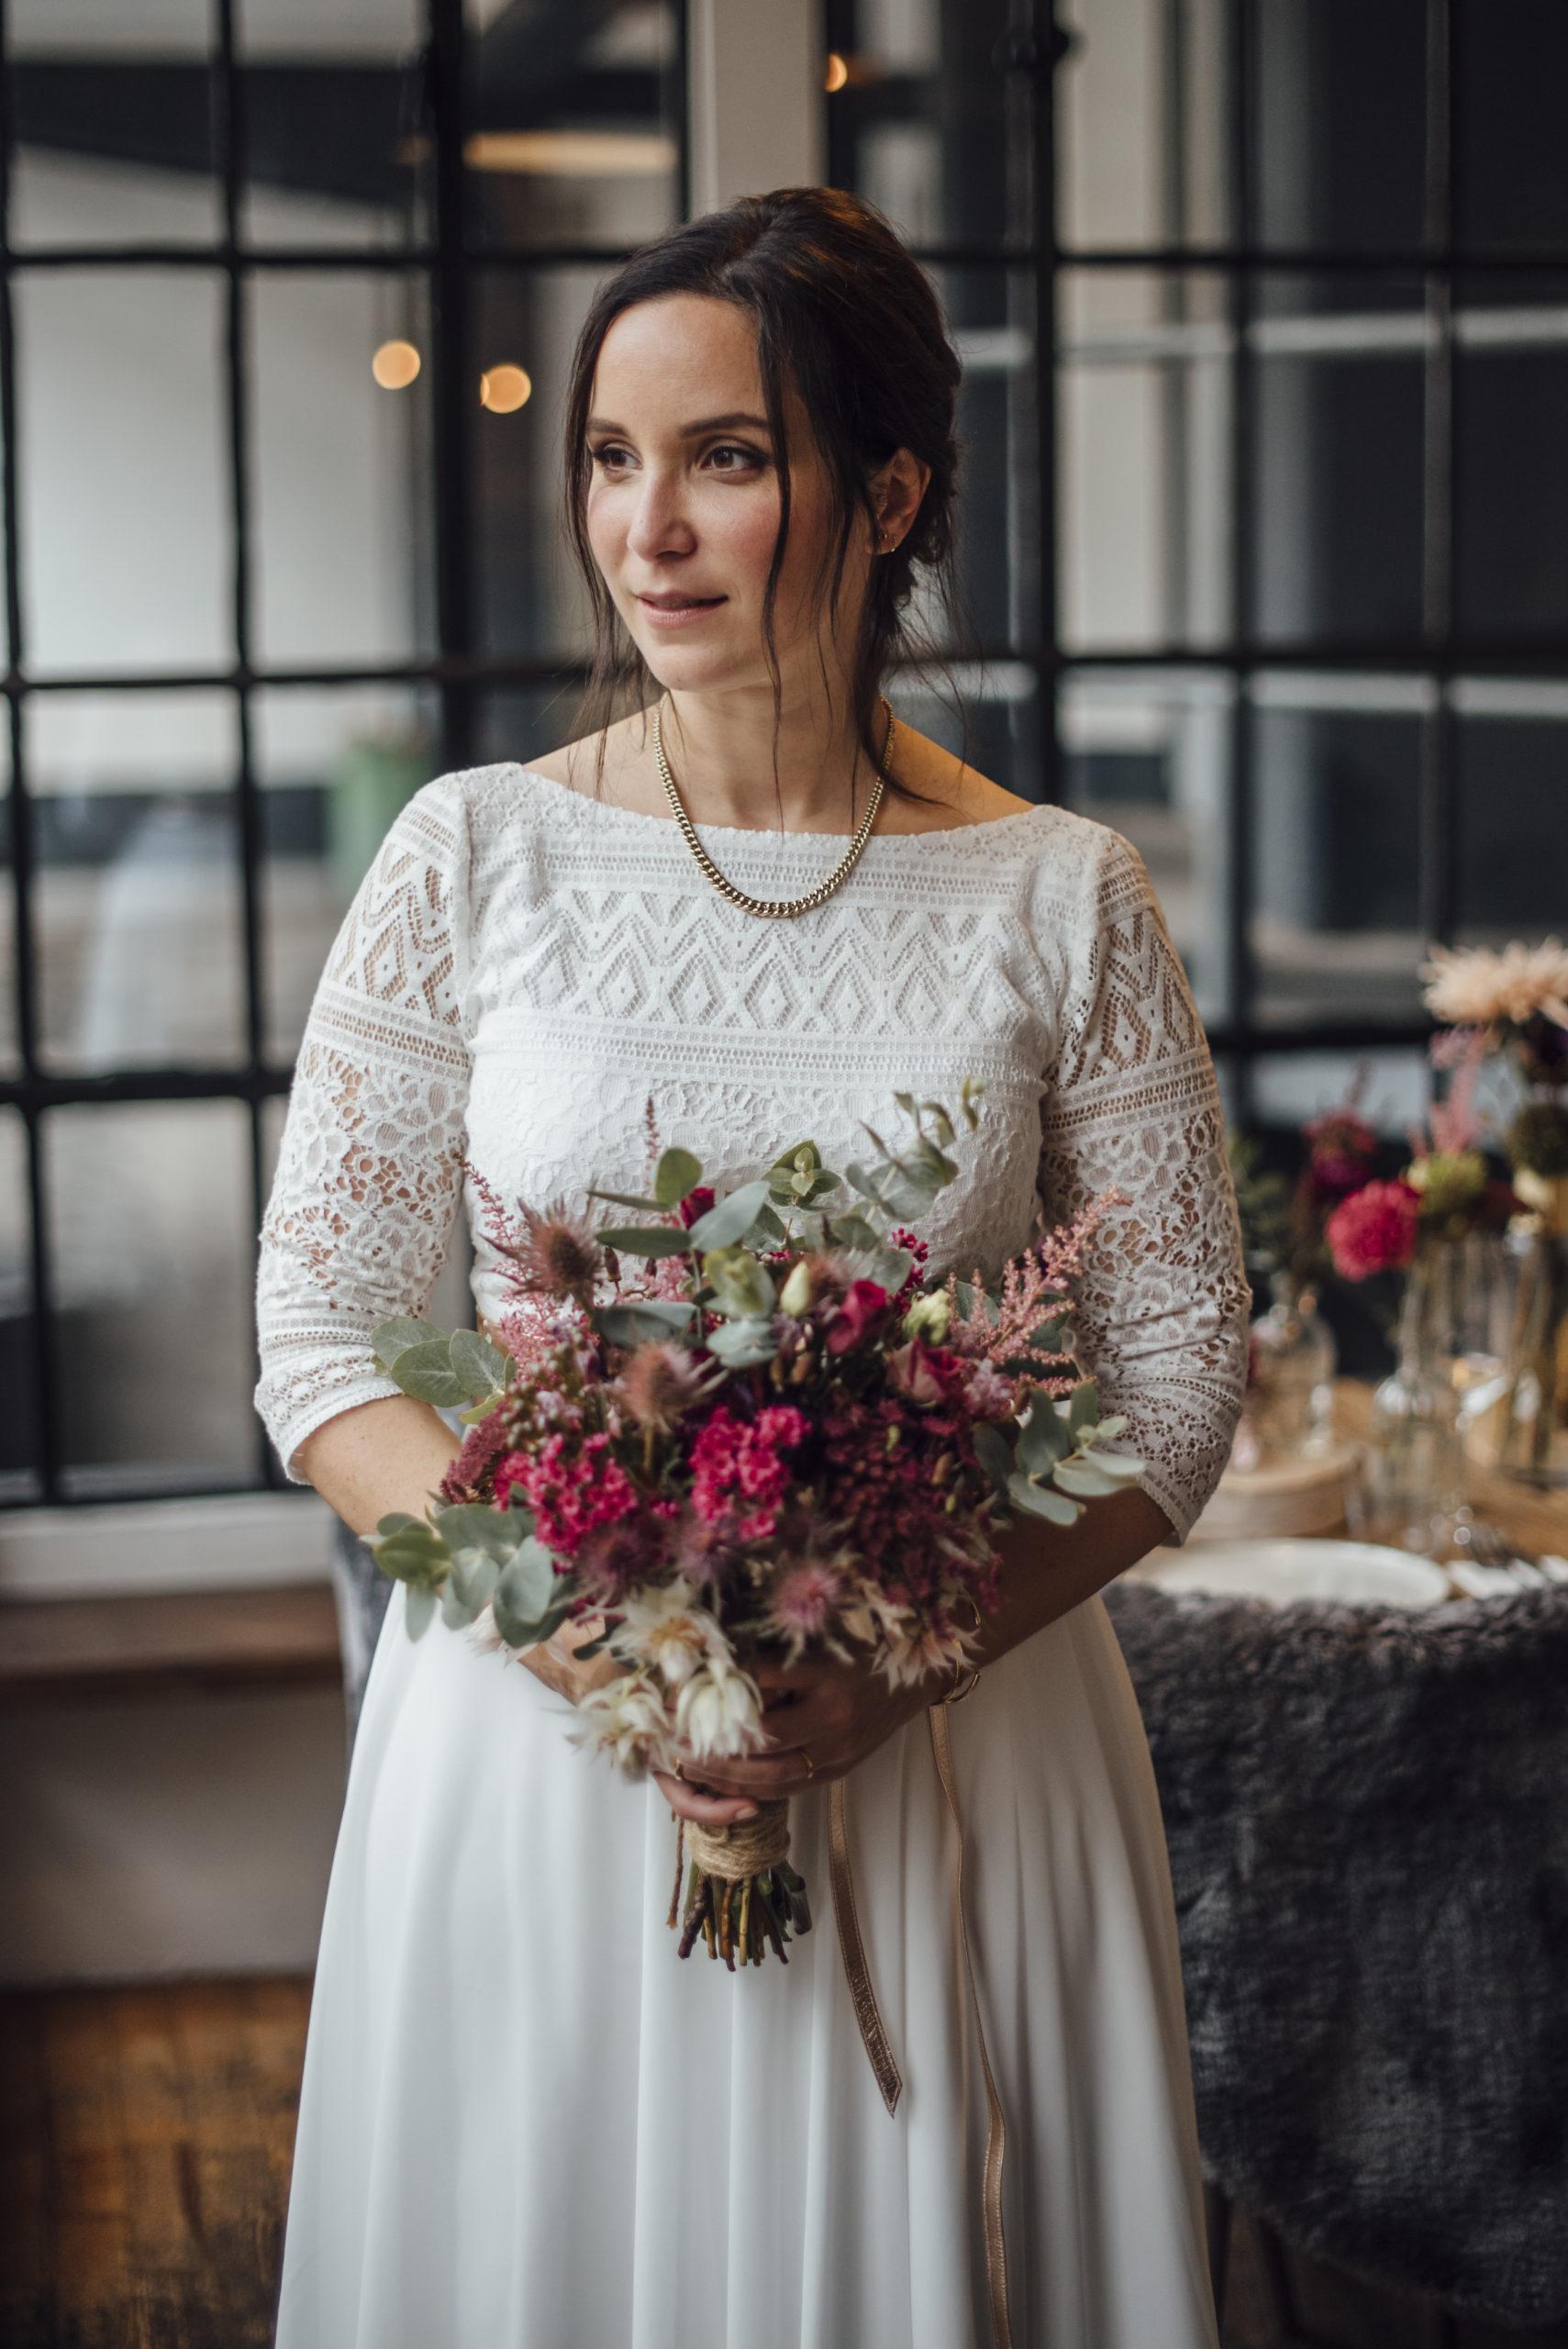 Braut in weißem Brautkleid-Zweiteiler, bunten Blumenstrauss haltend